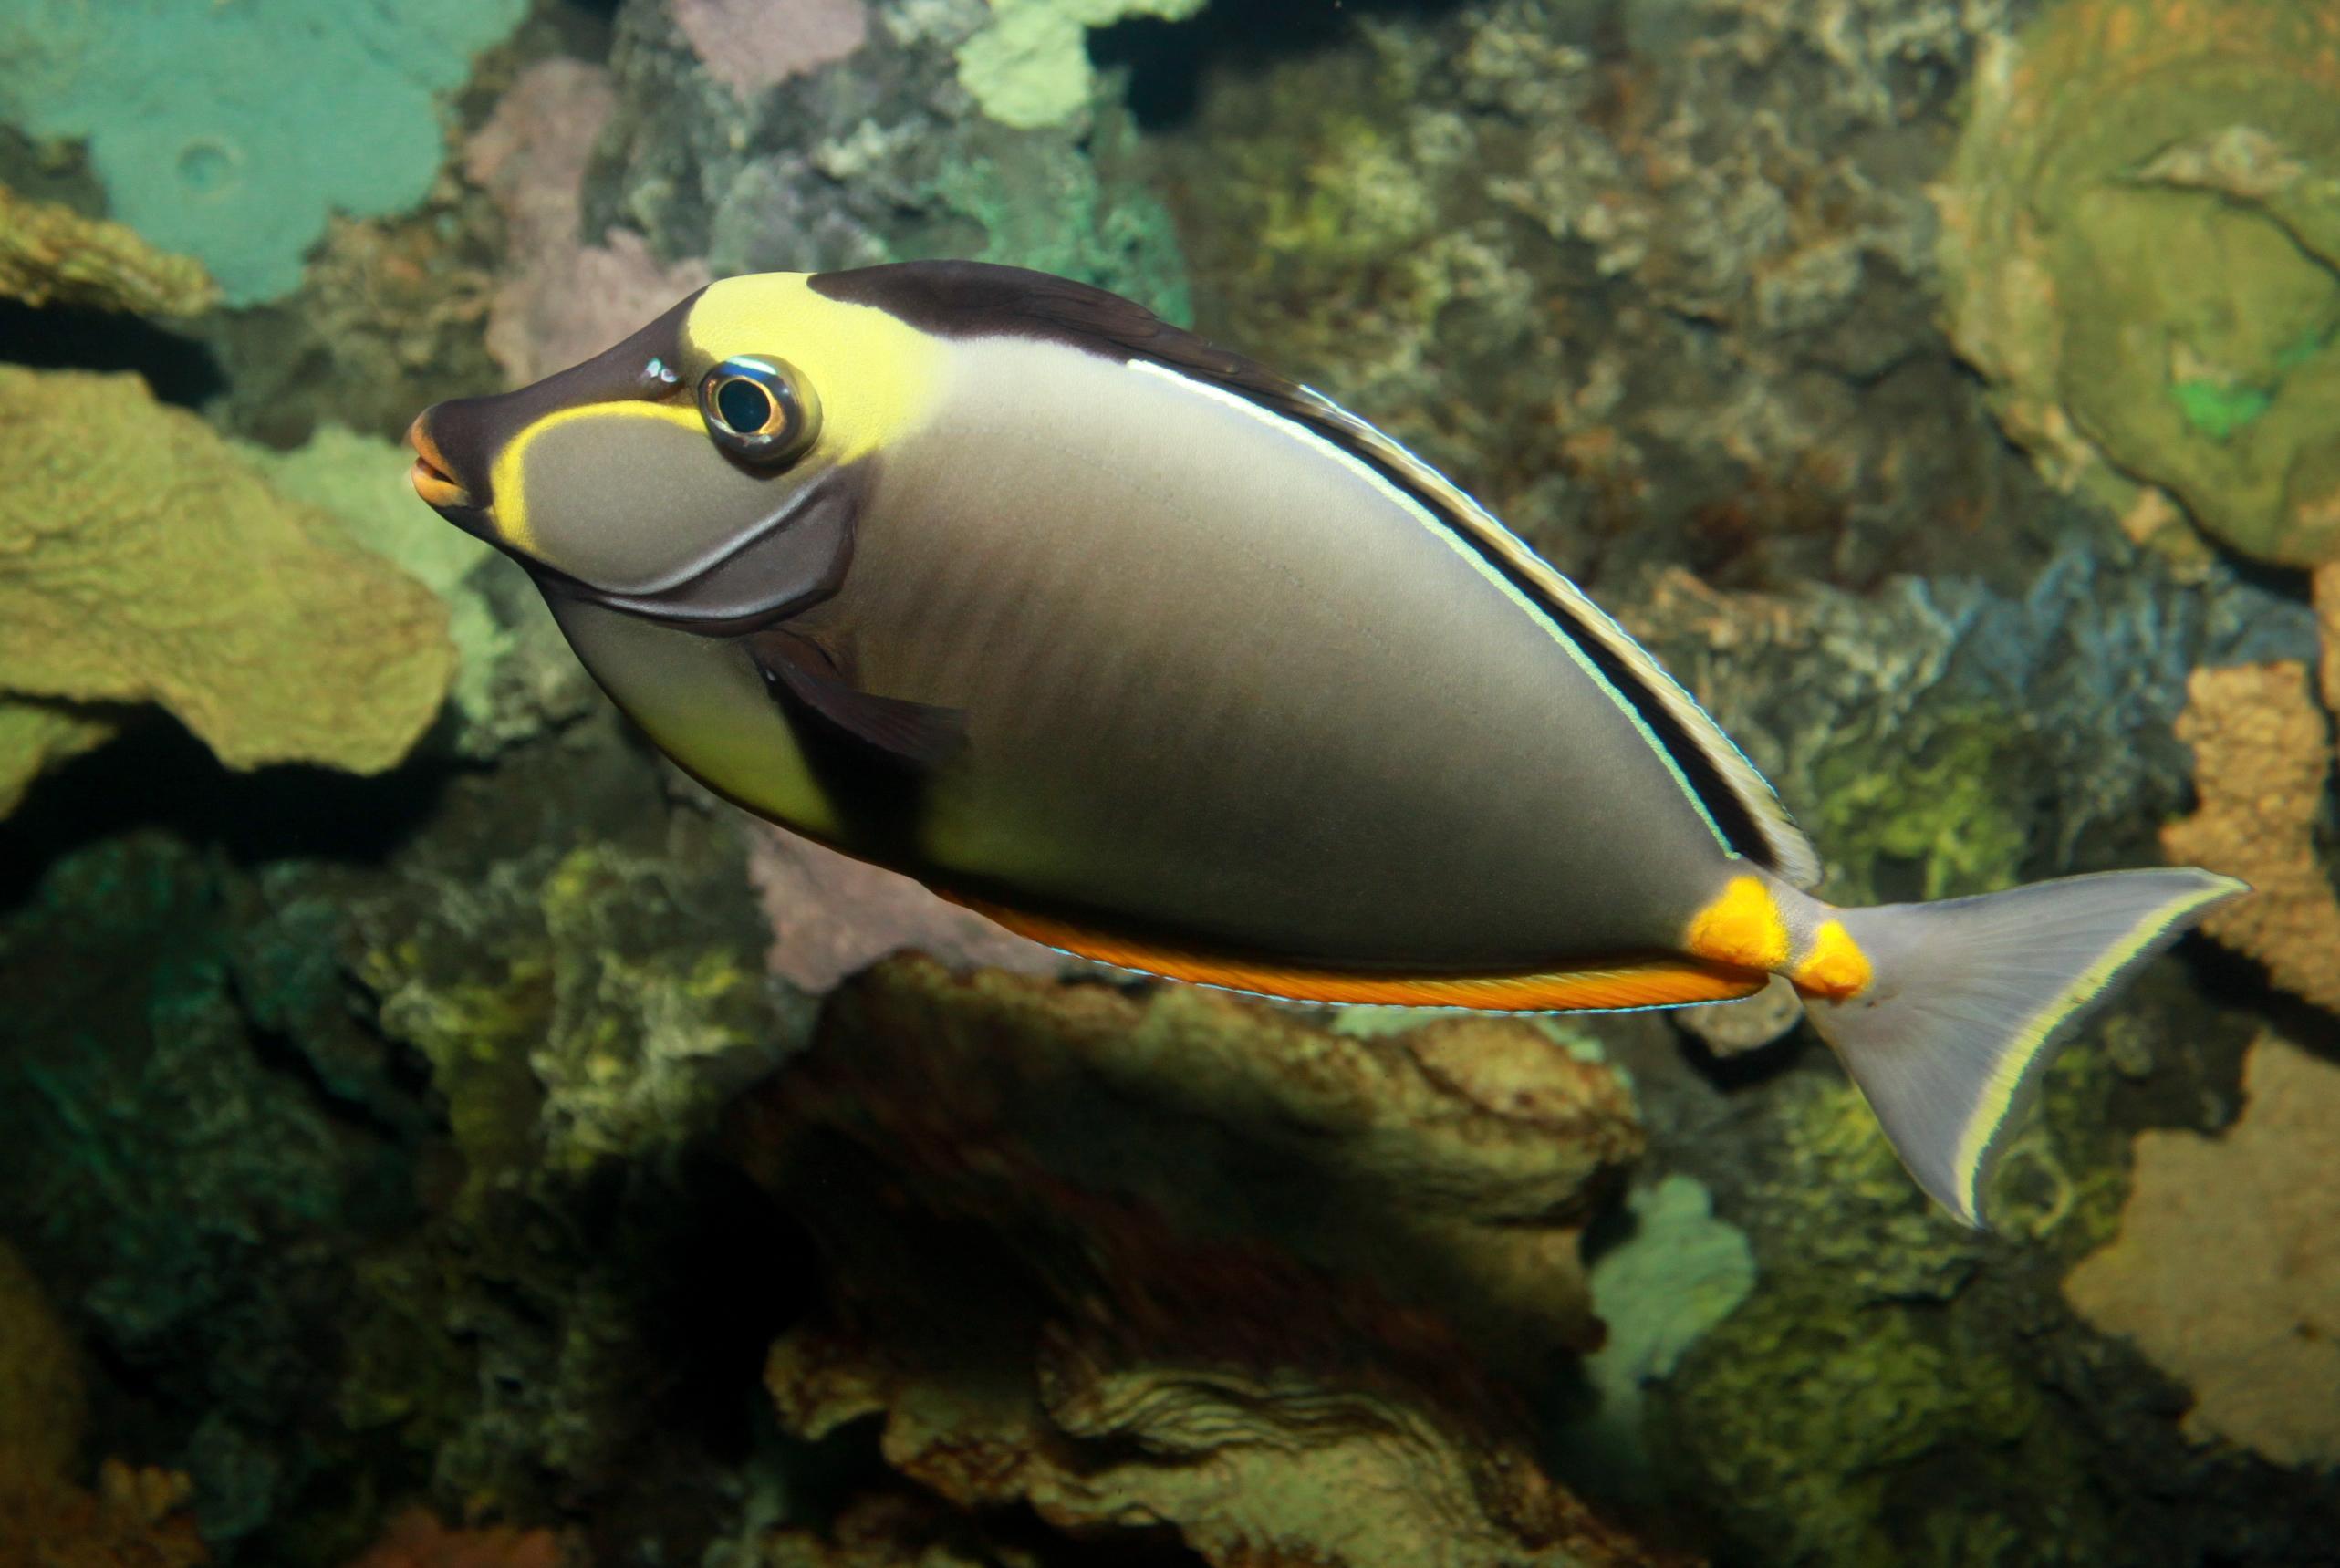 активно снимается названия и фото океанских рыб медленно покрывала